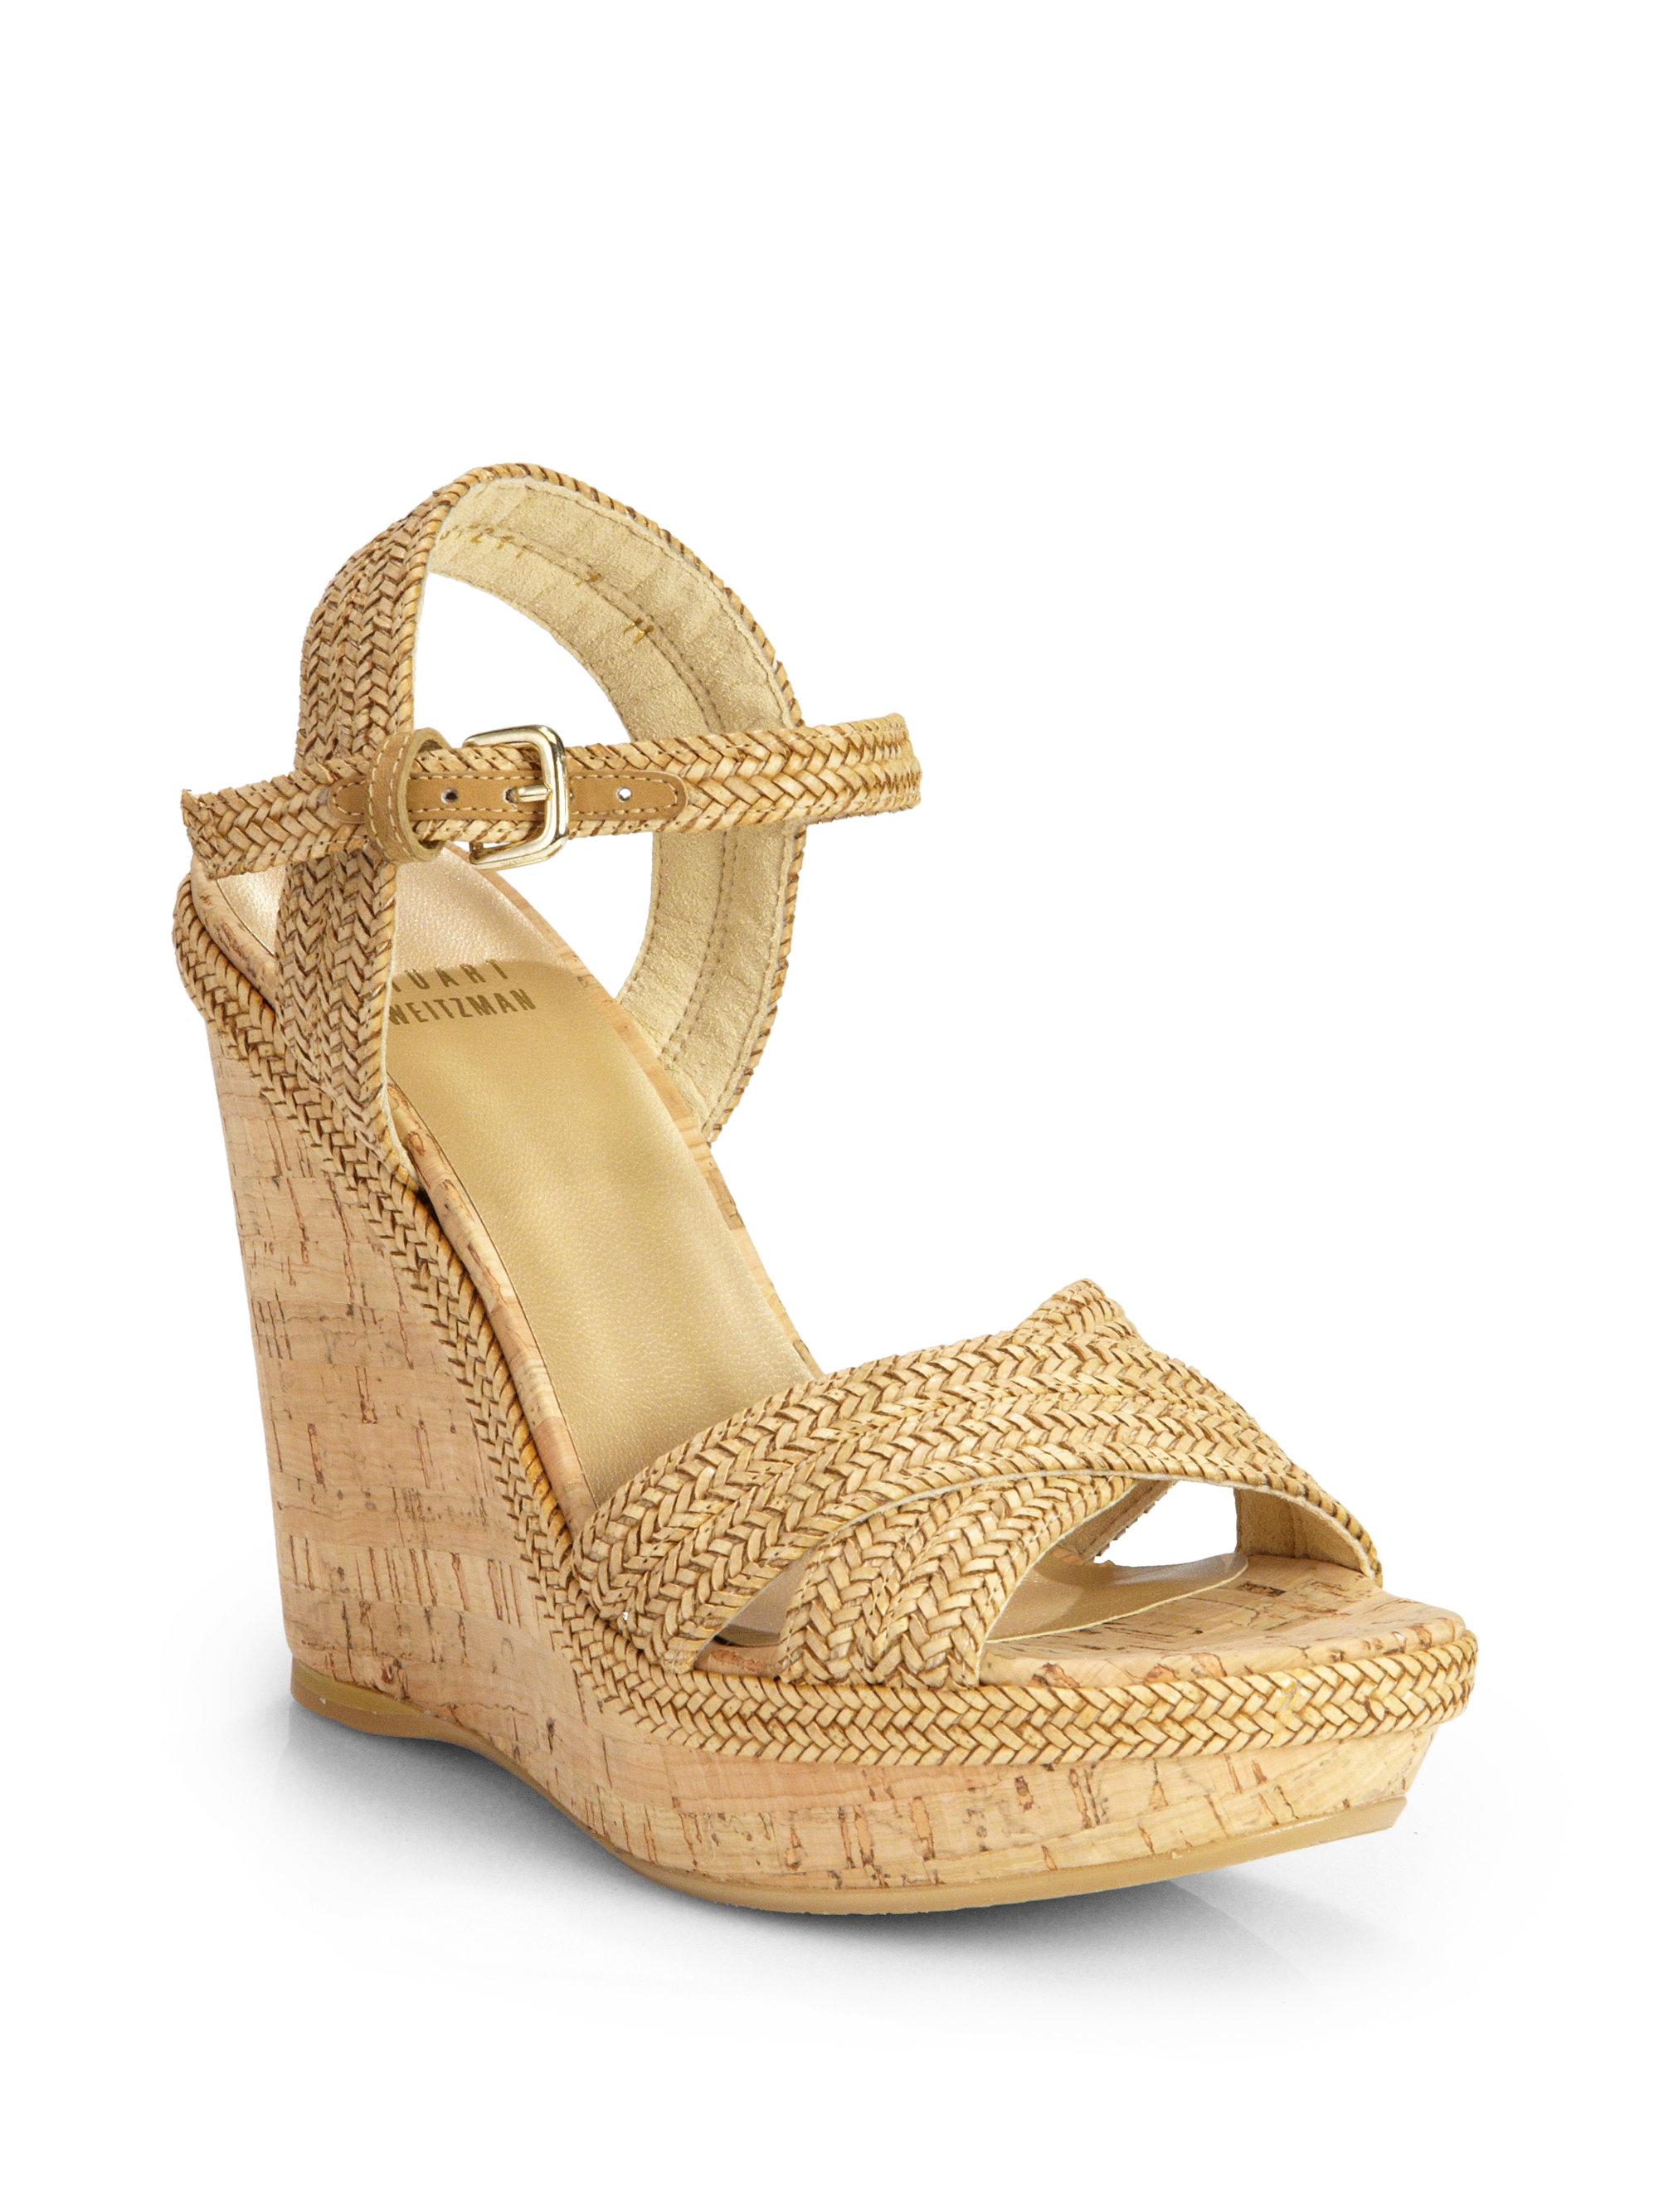 Stuart Weitzman Cork Platform Sandals wiki for sale DEMWZ